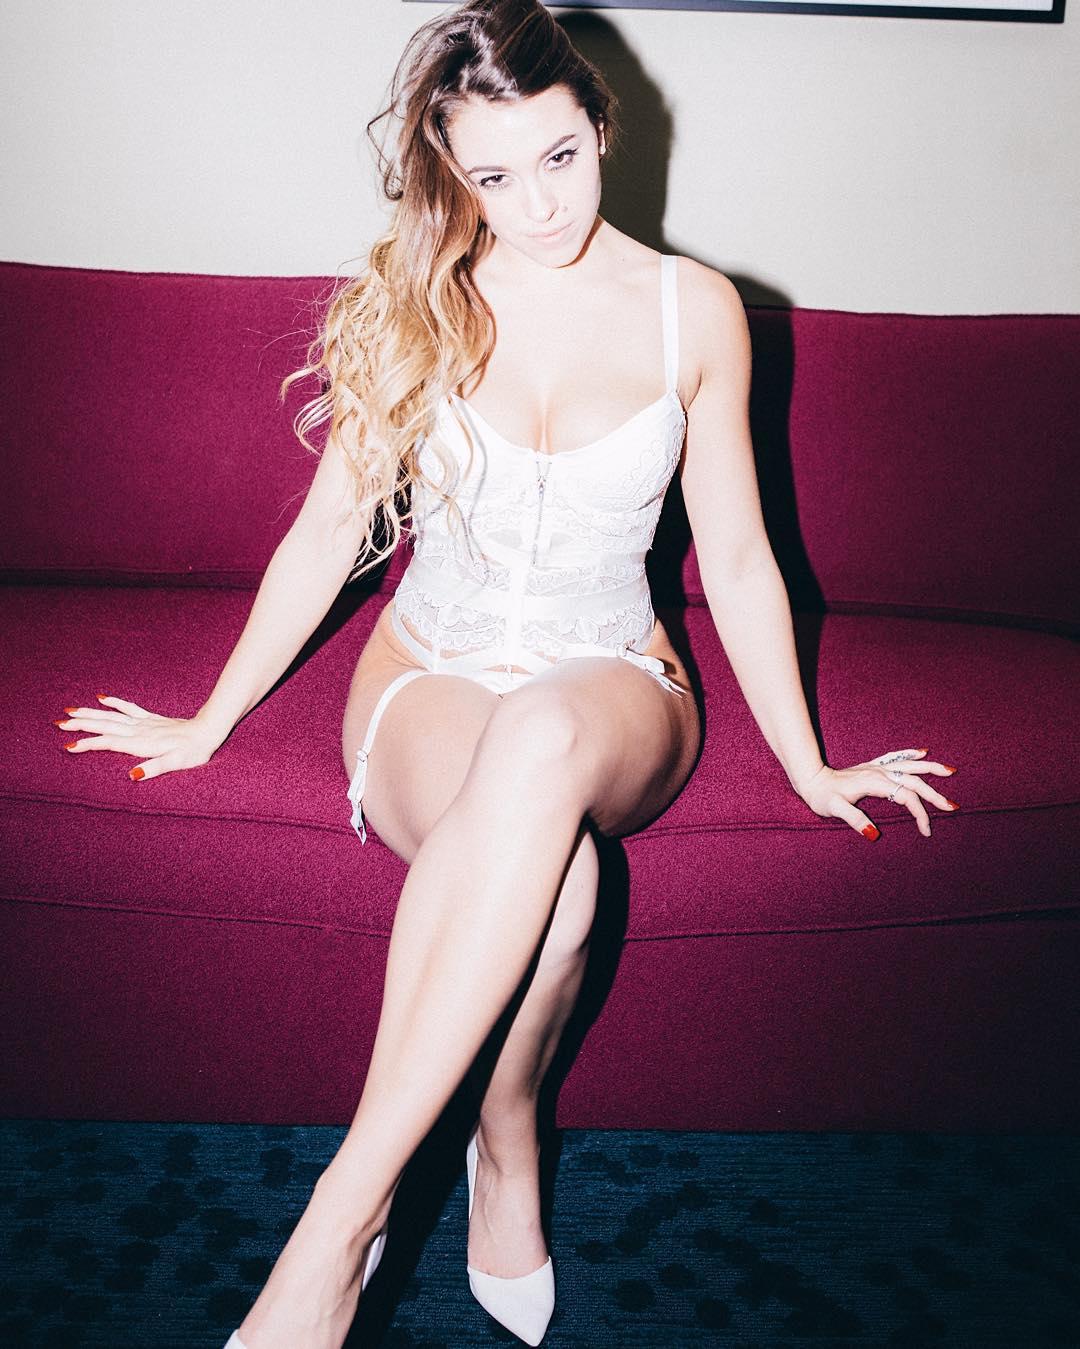 Feet Laurel Witt naked (95 foto and video), Topless, Sideboobs, Instagram, panties 2006